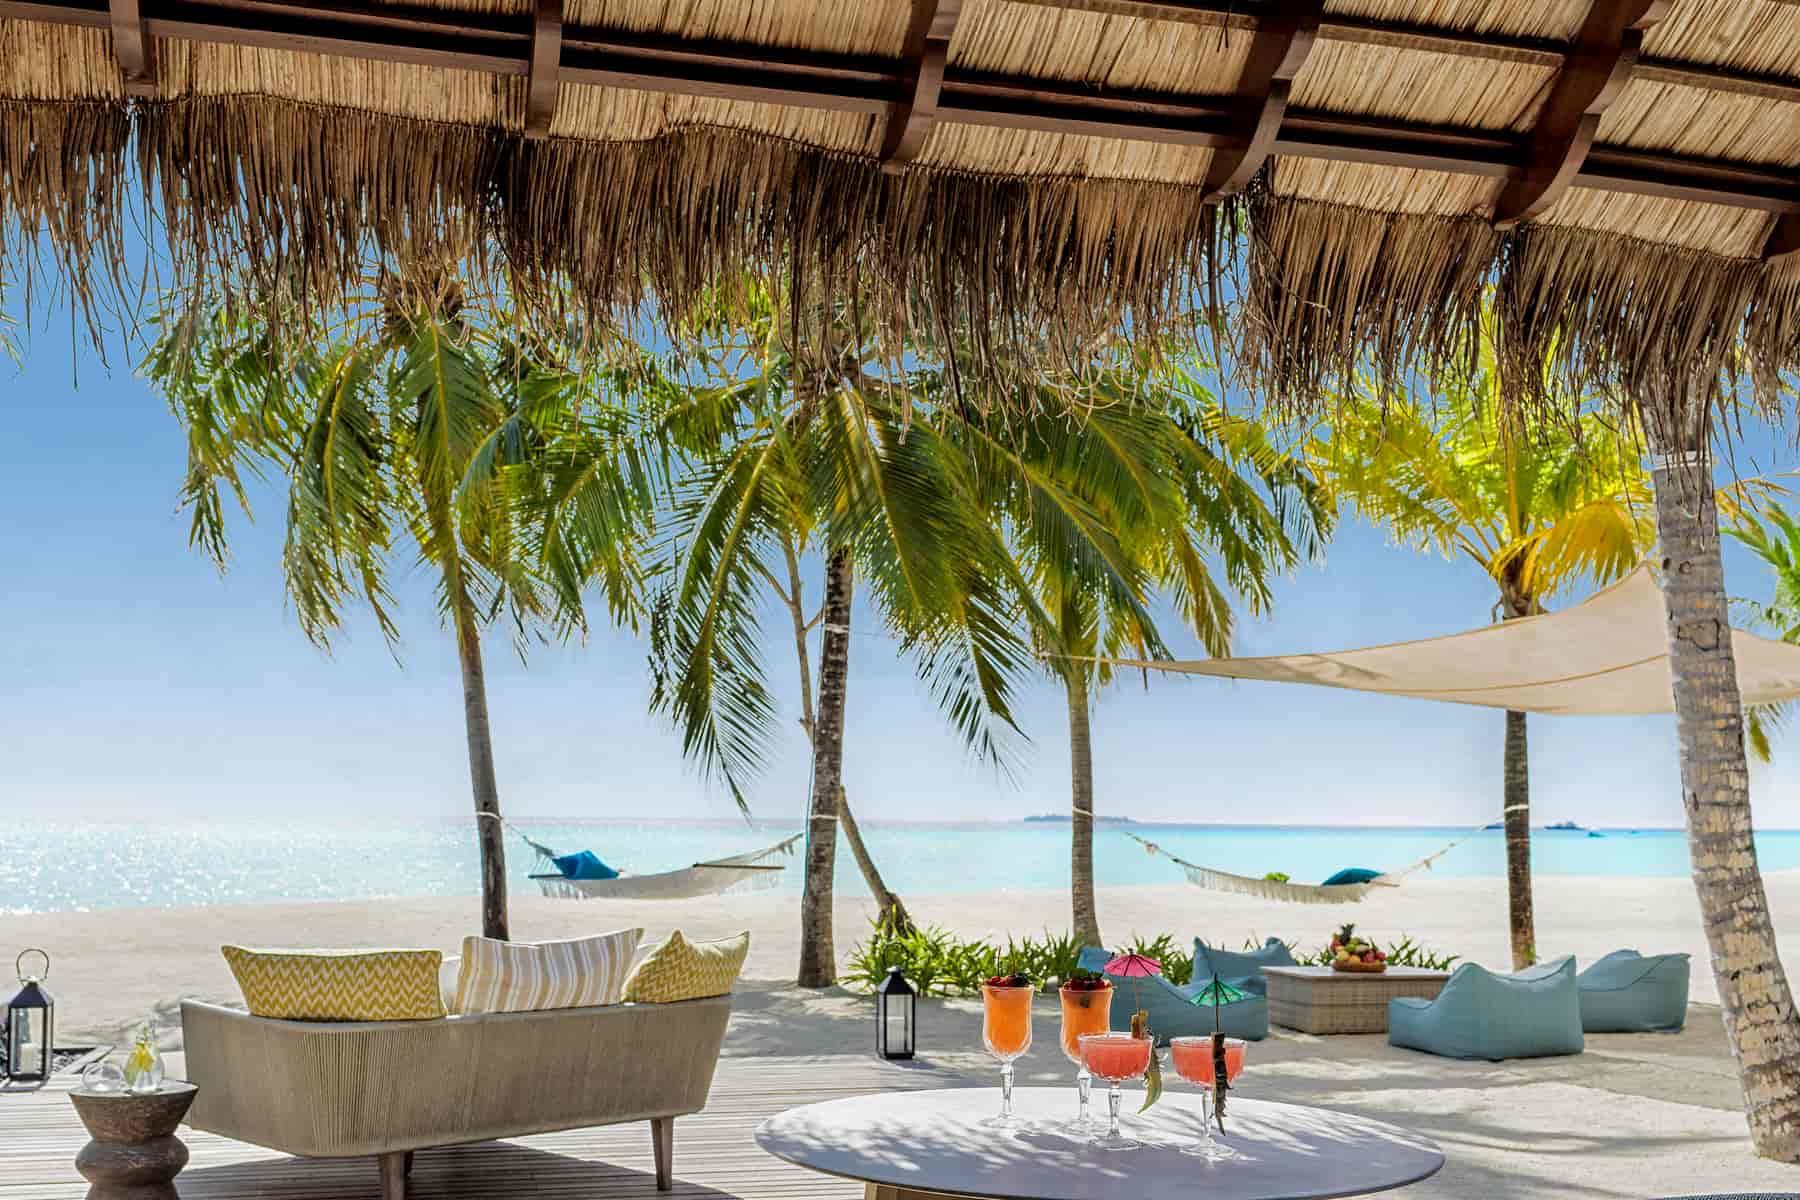 Resort Maldive One & Only Reehi Rah two villa residence